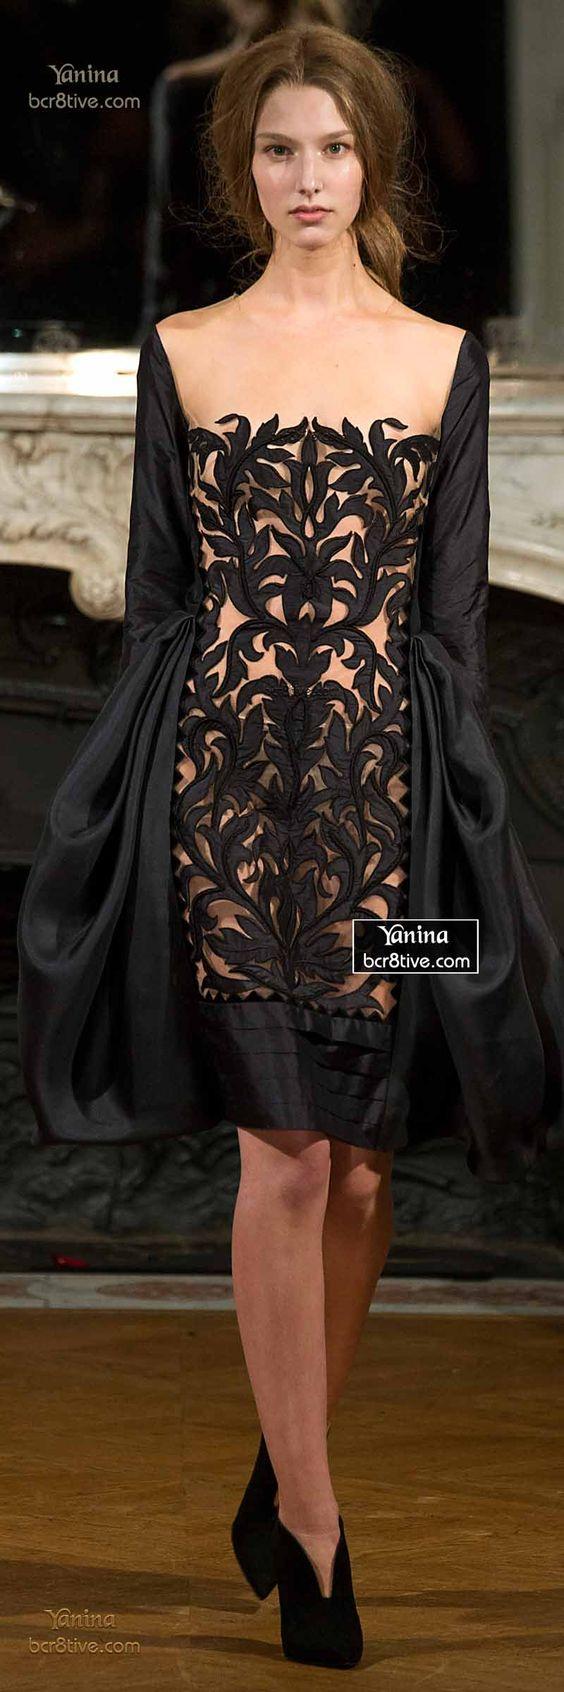 Yanina queda 2014-15 Haute Couture: